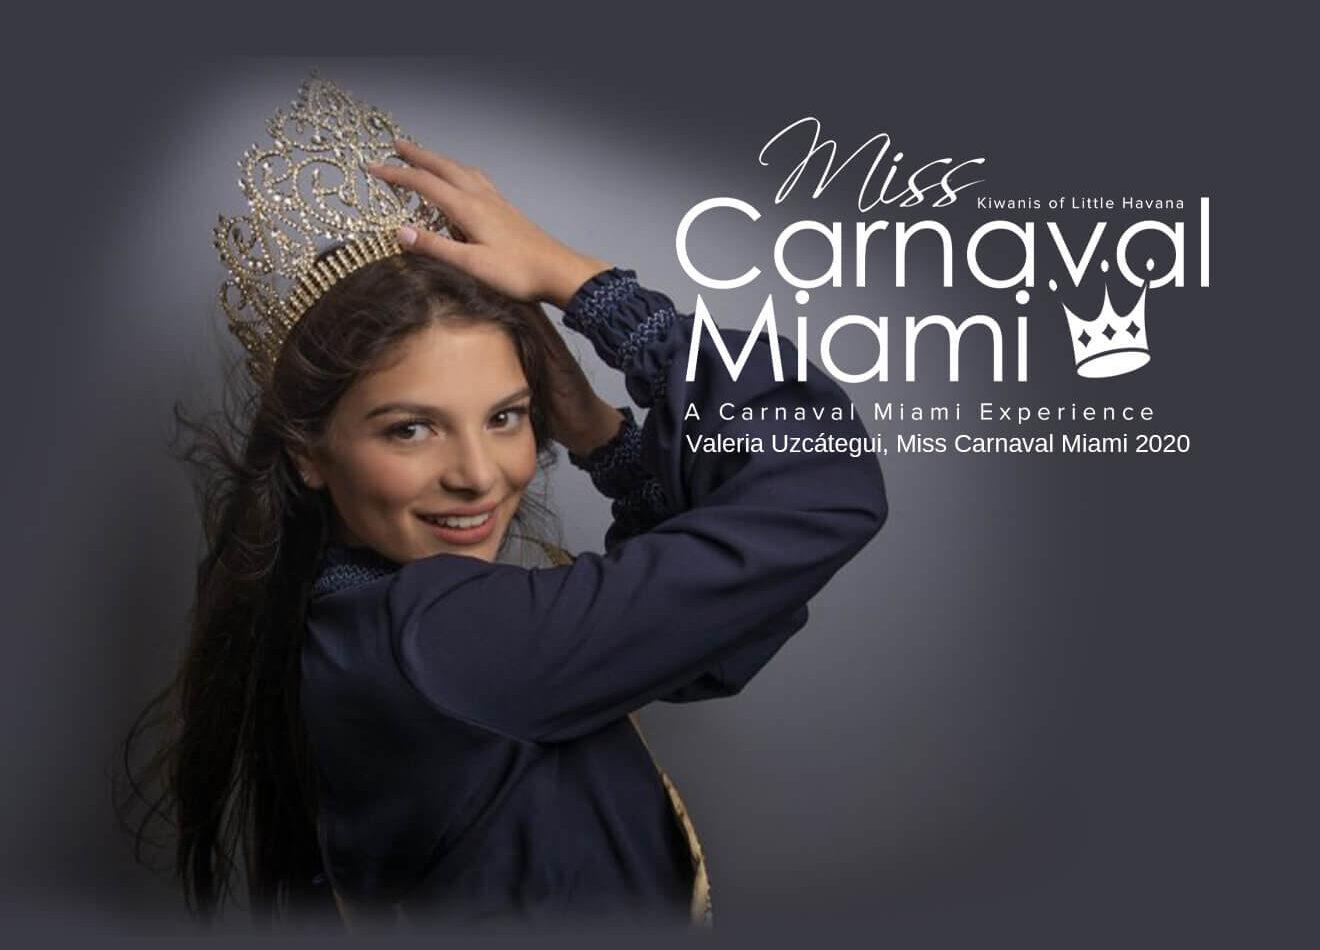 Miss Carnaval Miami